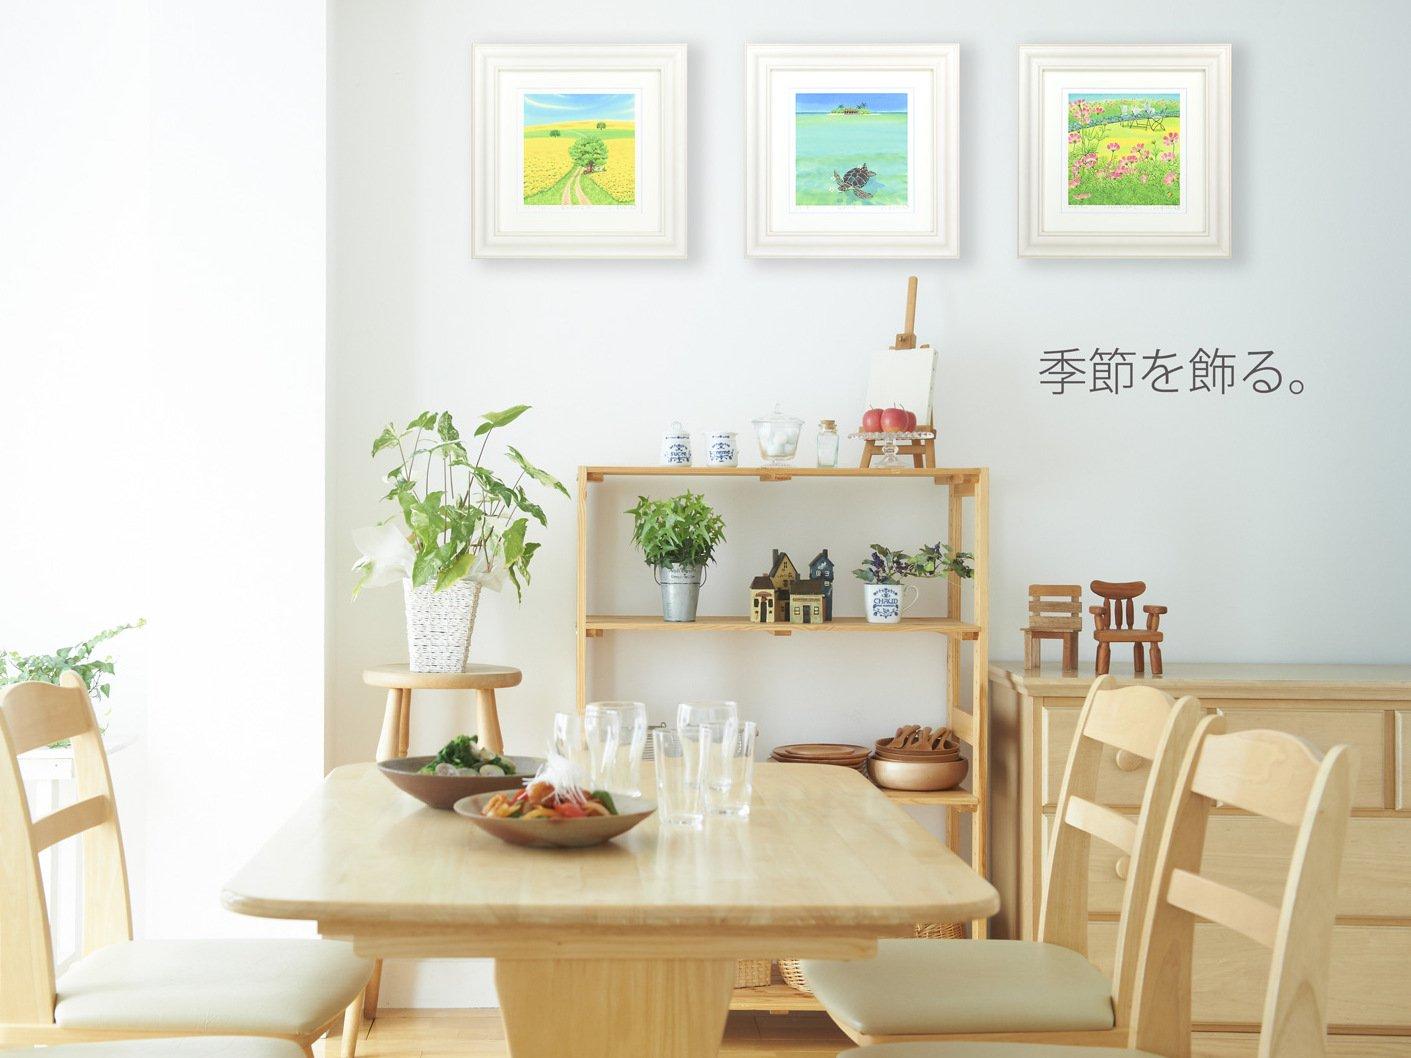 《絵画 水彩画》honu3〔栗乃木ハルミ くりのきはるみ 〕